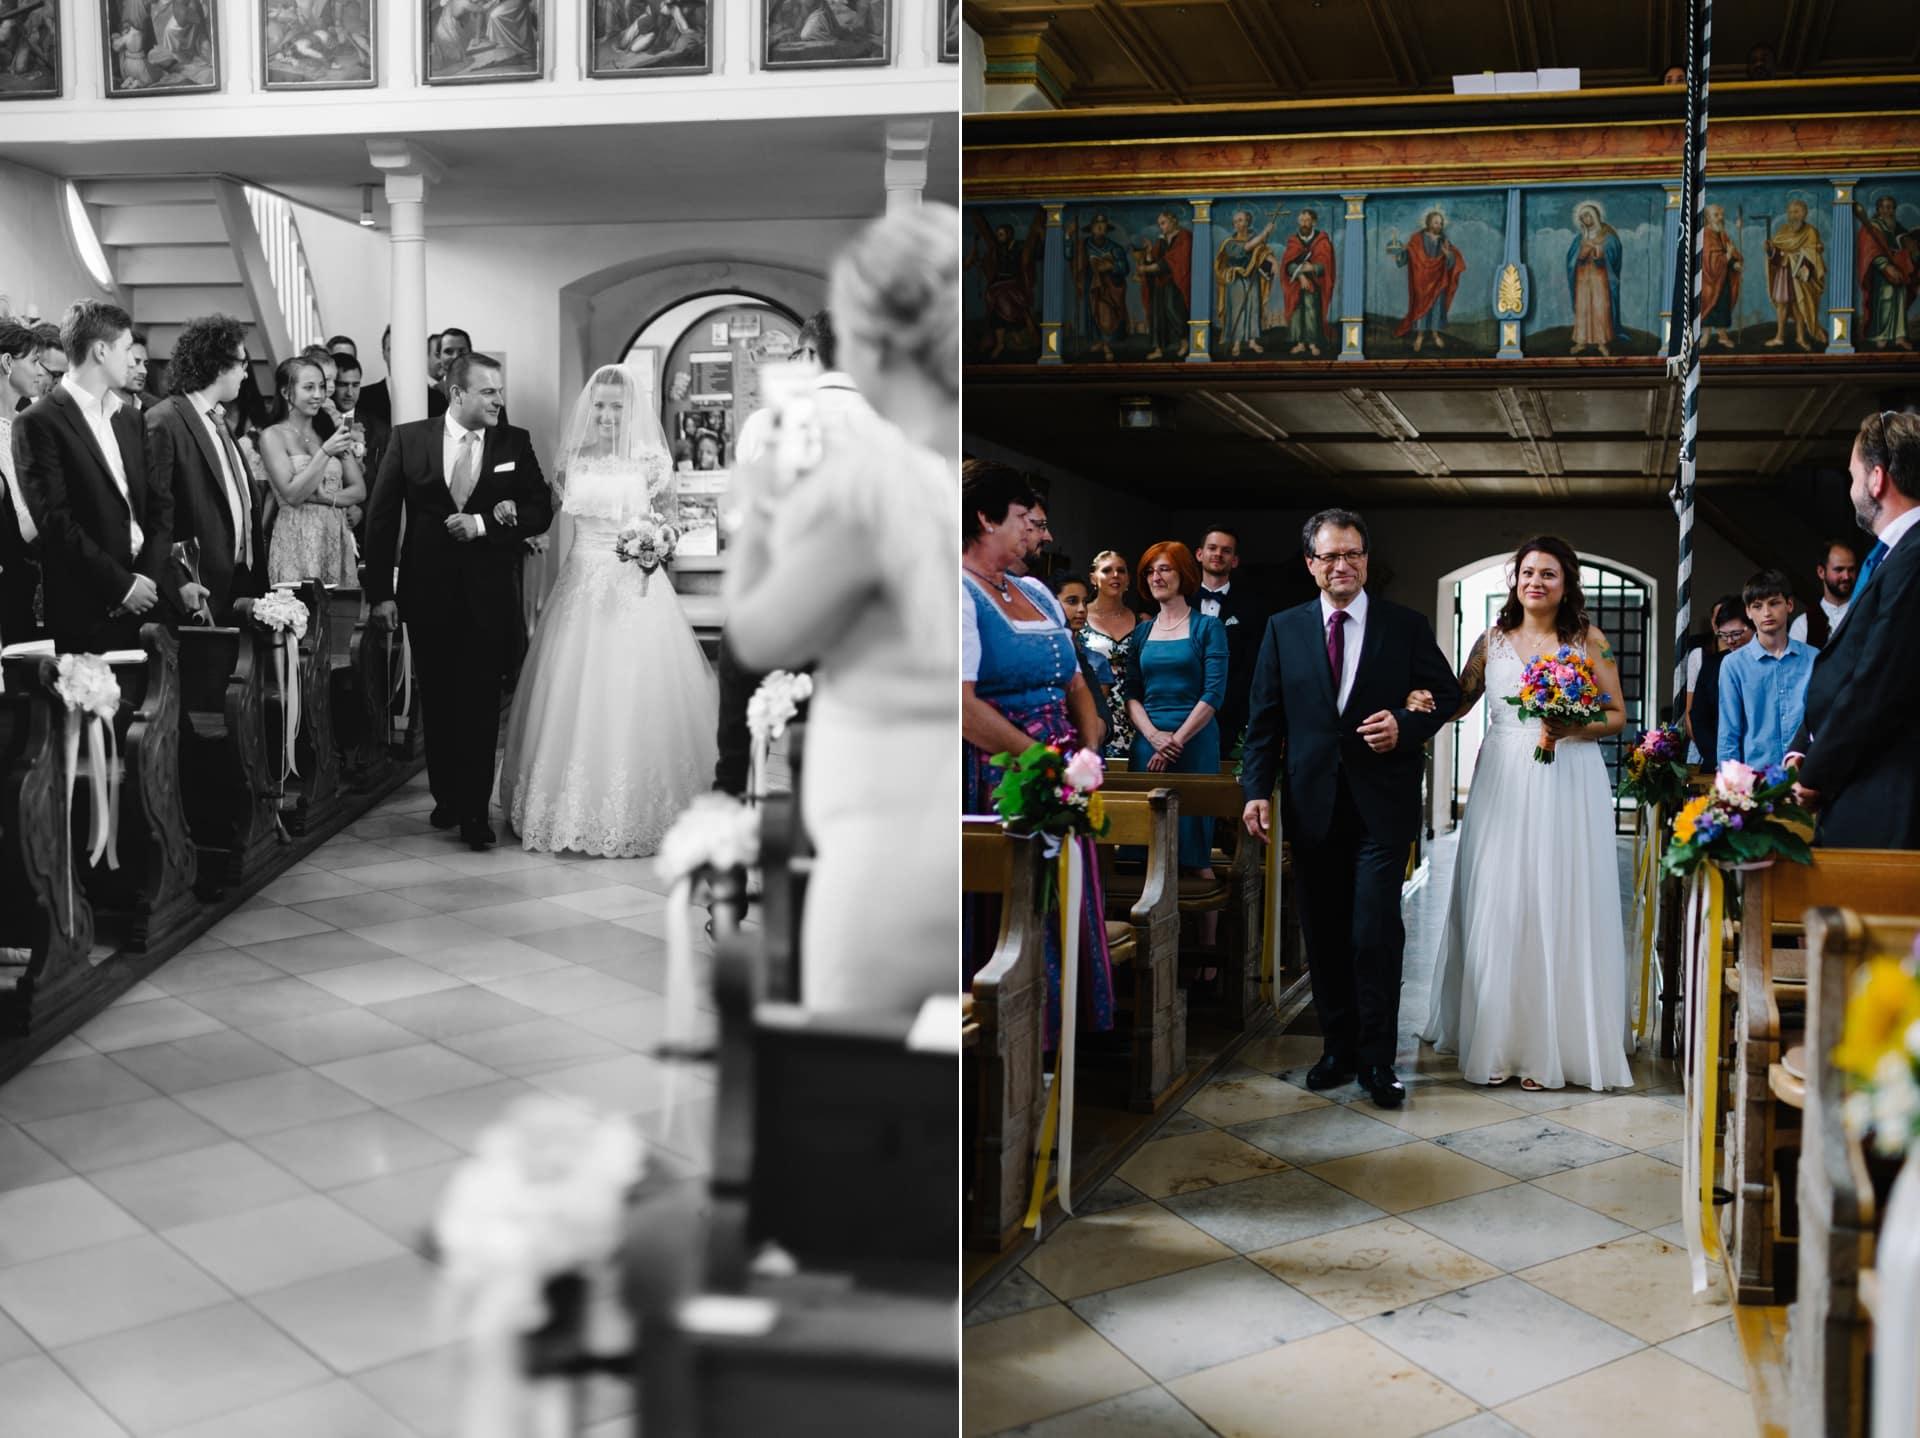 Braut und Brautvater beim Einzug in die Kirche am Hochzeitstag